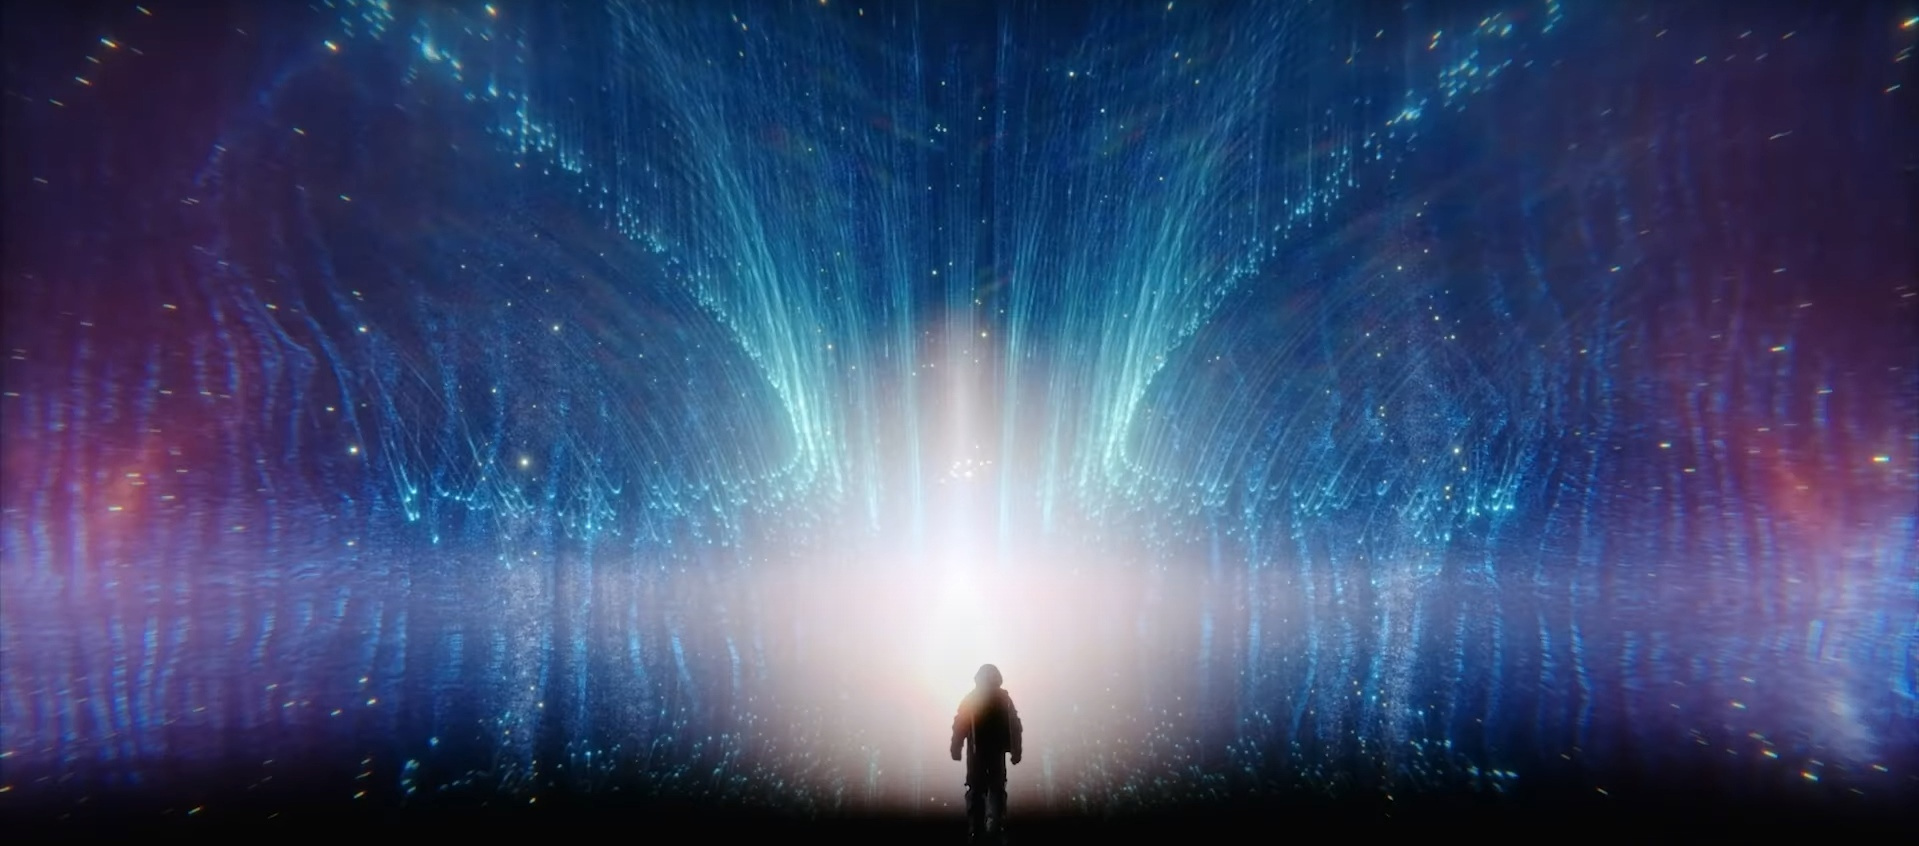 Космос и аномалии в трейлере второго сезона «Иной жизни» Netflix